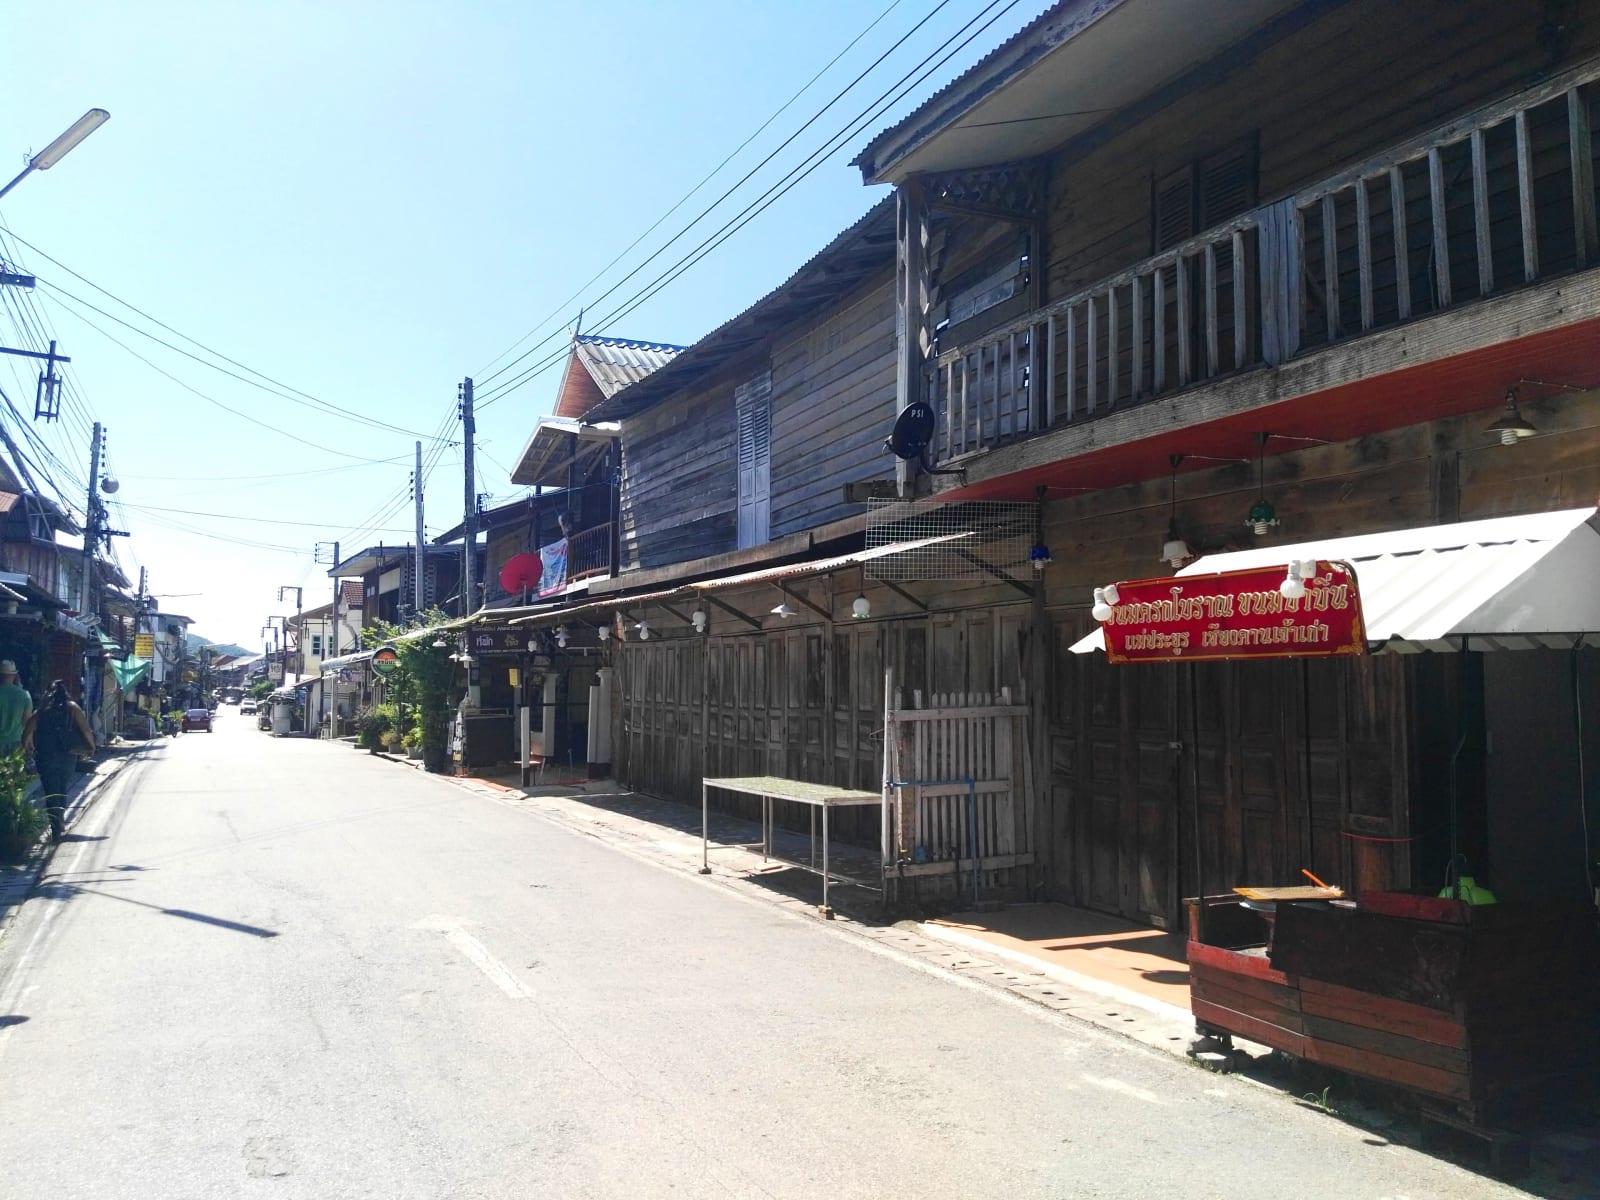 Přes den ospalá ulice se v noci mění na jednu velkou restauraci plnou chutí a vůní, Chiang Khan, Loei, Thajsko